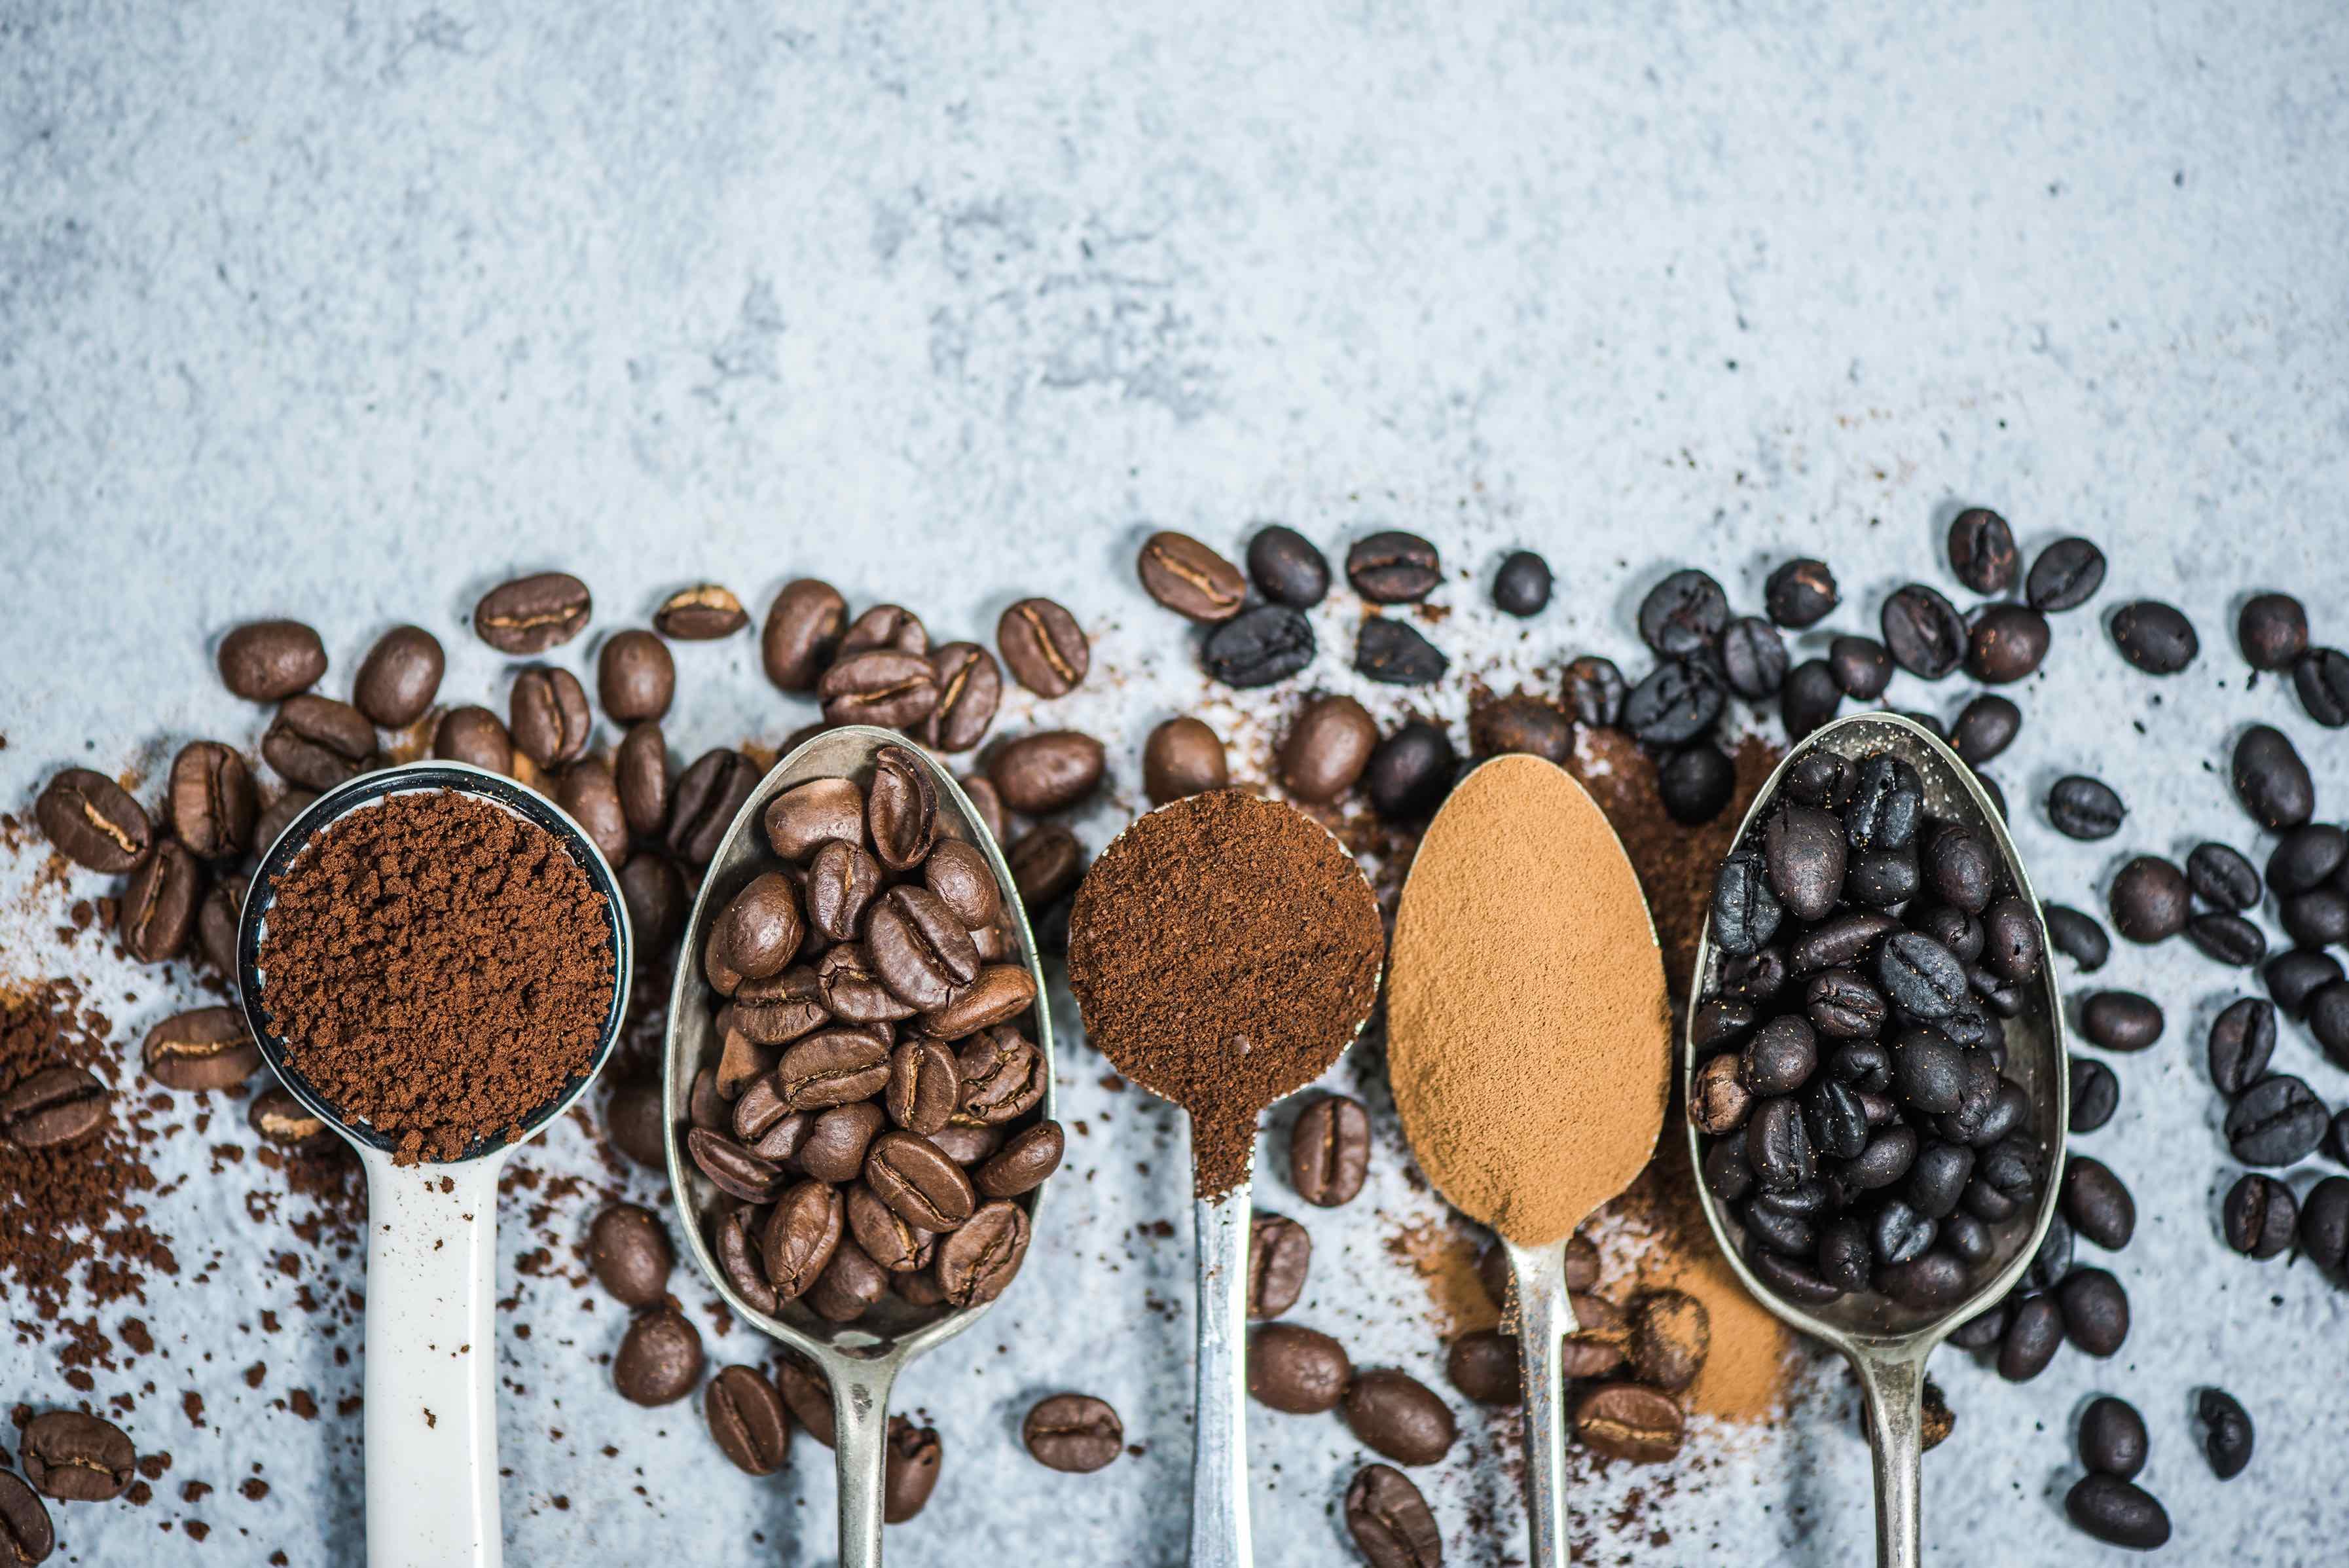 Löffel mit Kaffee und Kaffeebohnen darauf.